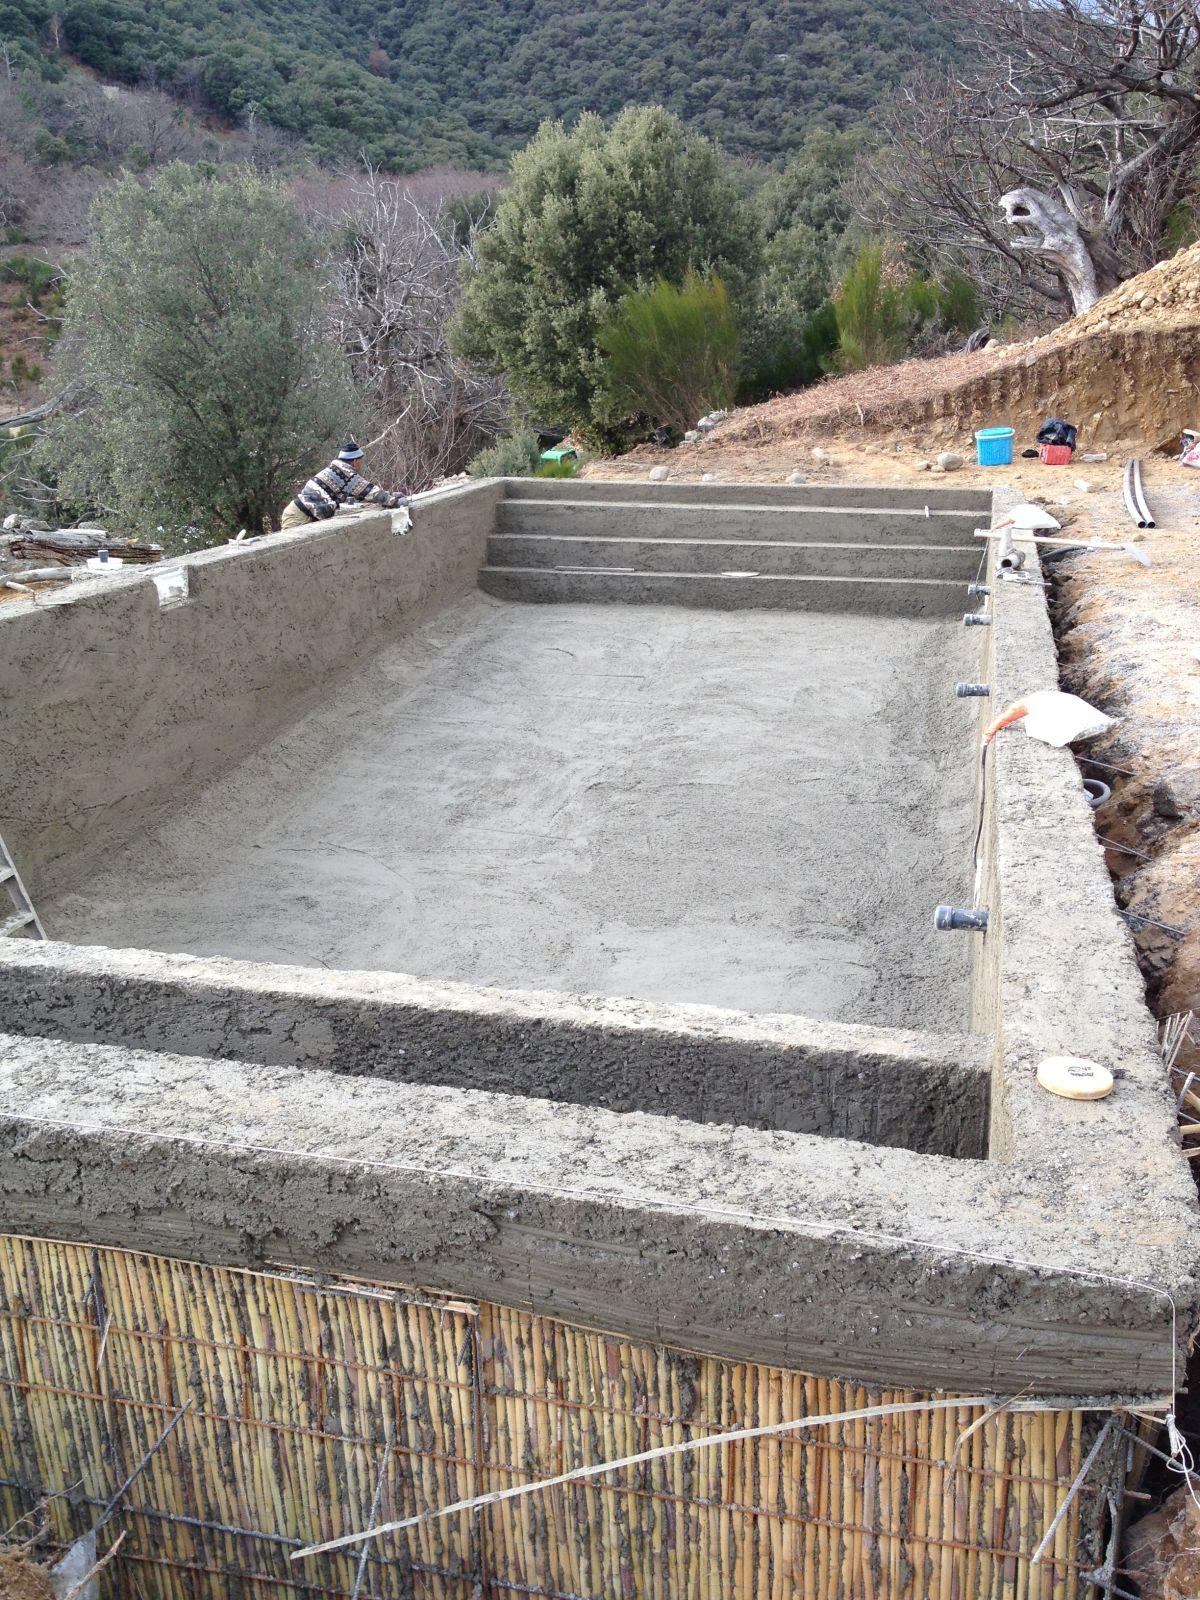 Constructeur De Piscine Montpellier construction d'une piscine | vielles demeures d'occitanie